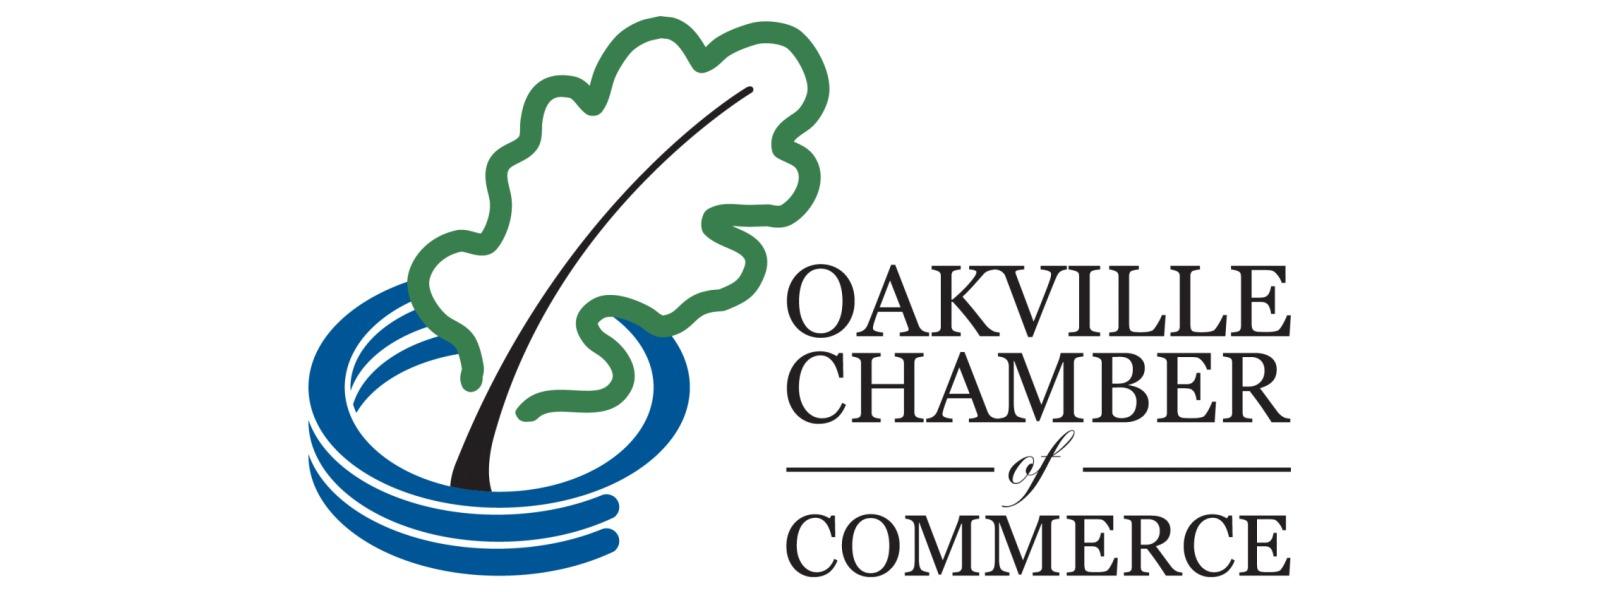 Discover Ability Halton Peel Oakville Chamber of Commerce